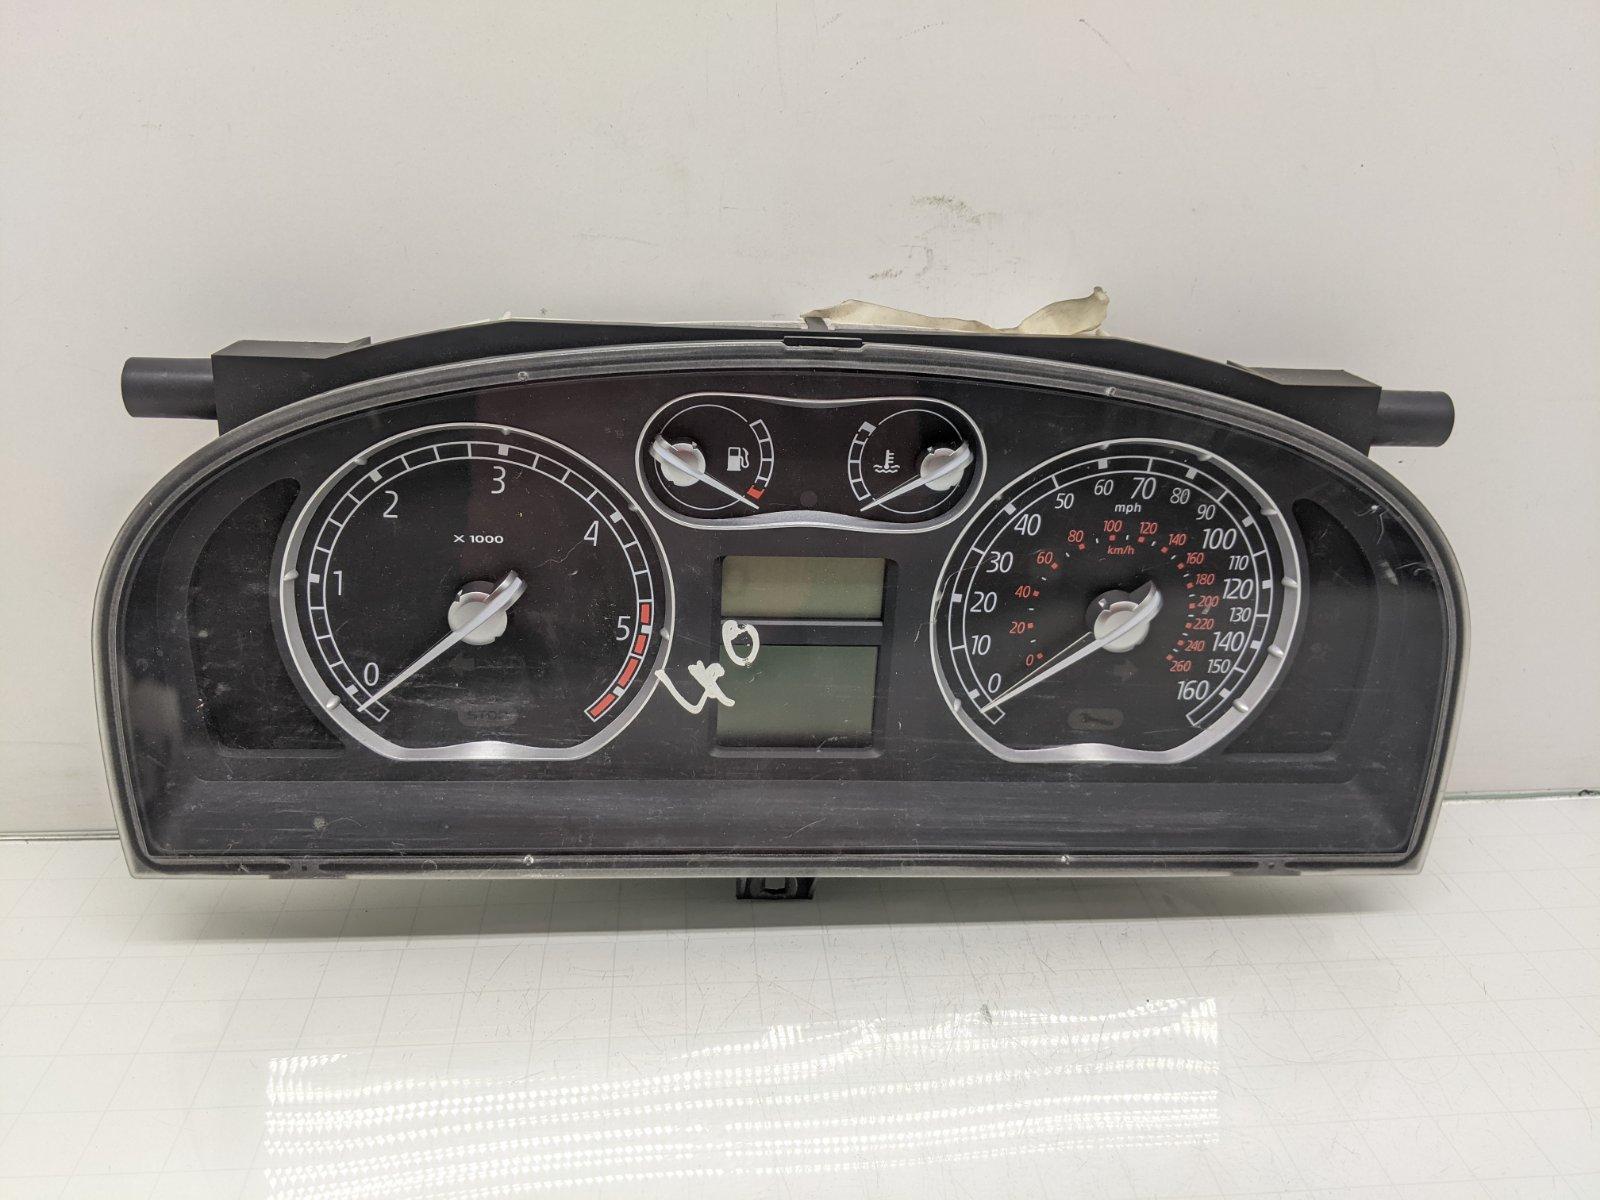 Щиток приборов (приборная панель) Renault Laguna 1.9 DCI 2006 (б/у)